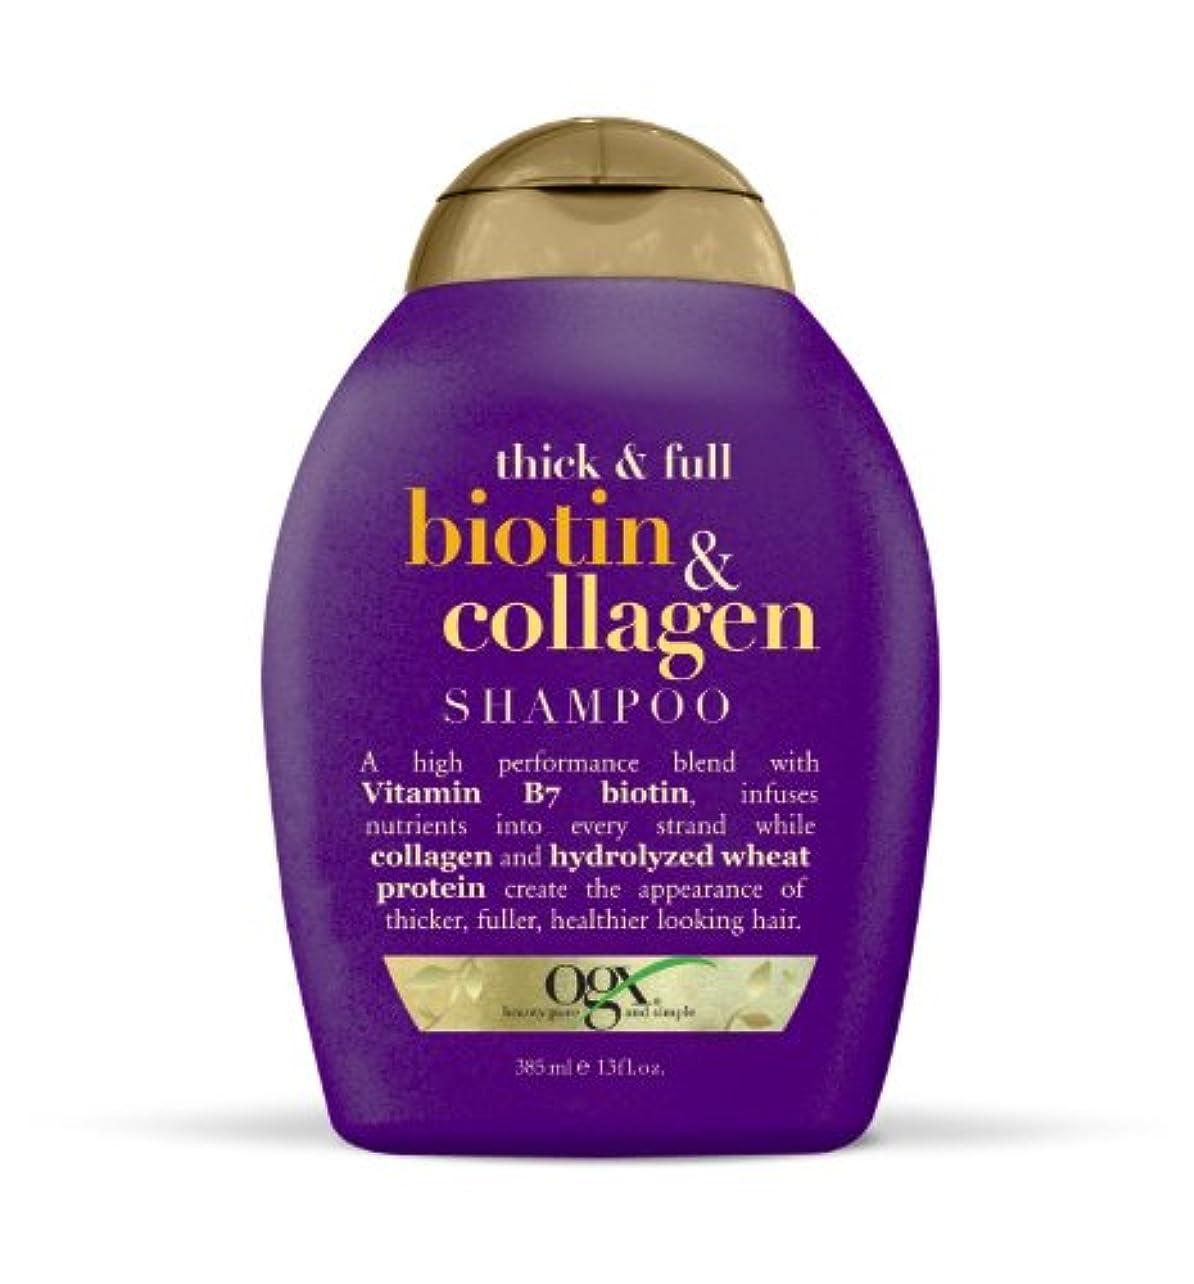 OGX Thick & Full Biotin & Collagen Shampoo 380ml シック&フルビオチン&コラーゲンシャンプー [並行輸入品]